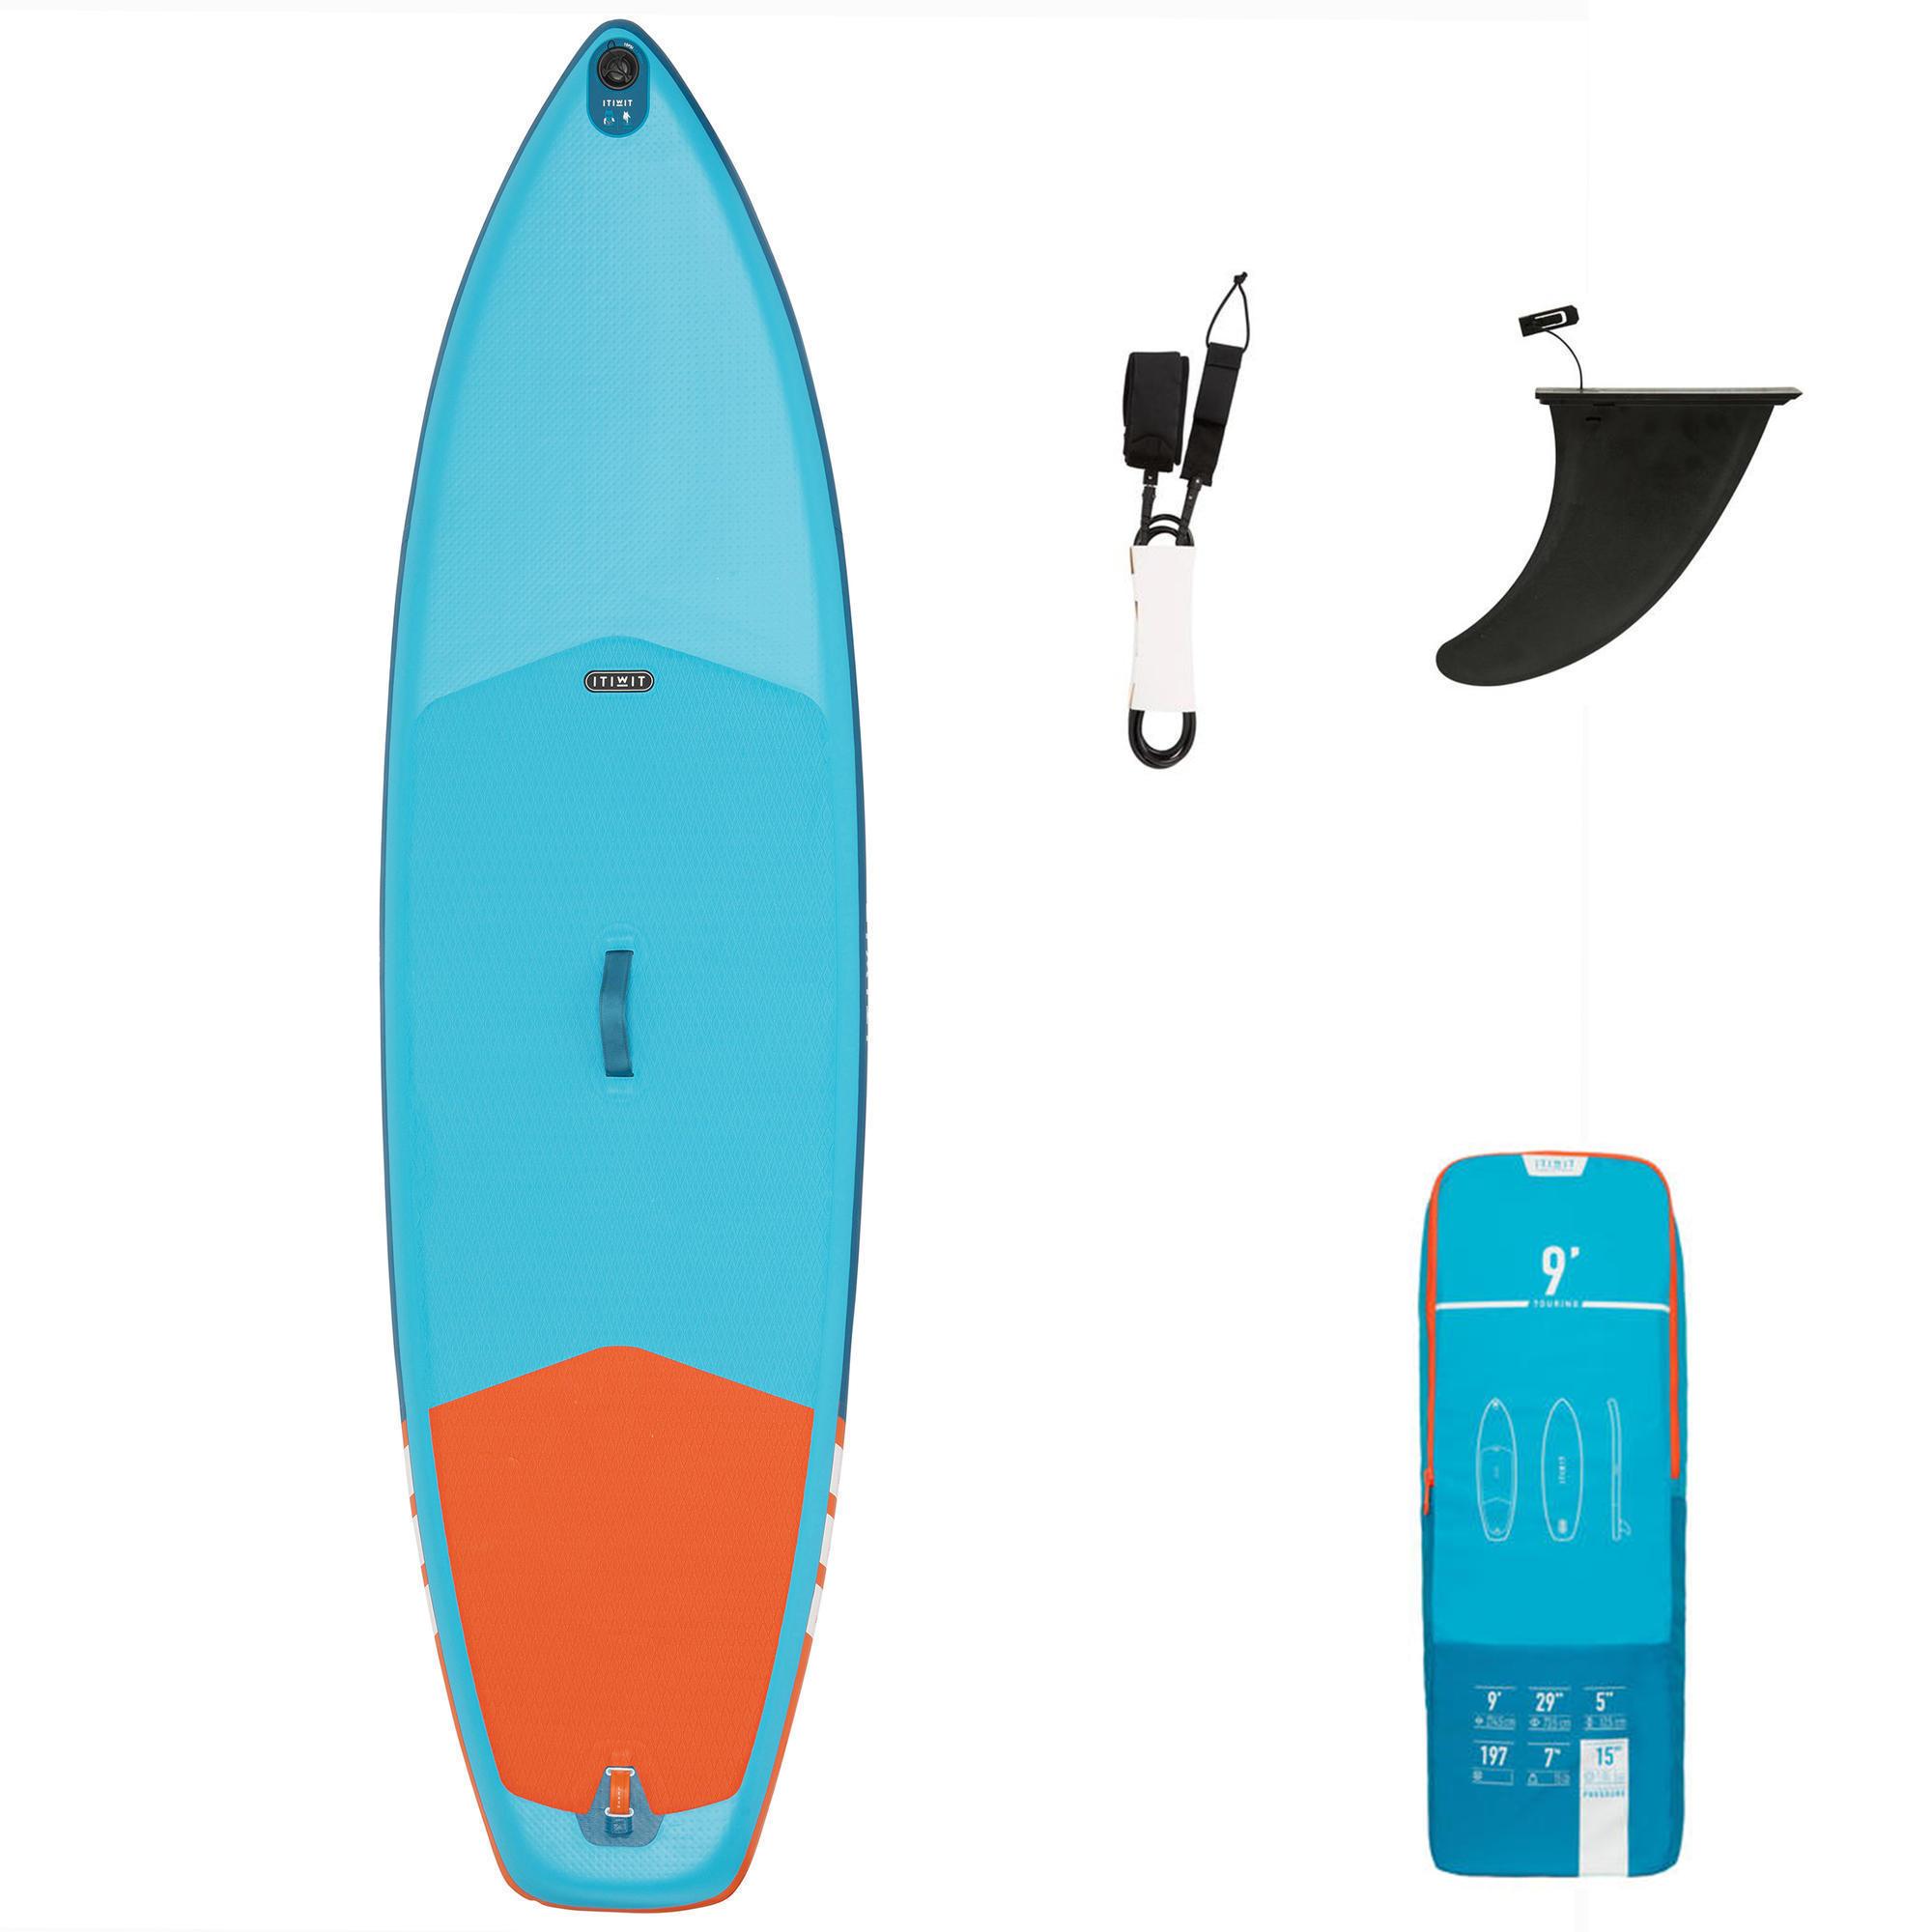 Sup board | opblaasbare sup | 9 feet | blauw/oranje